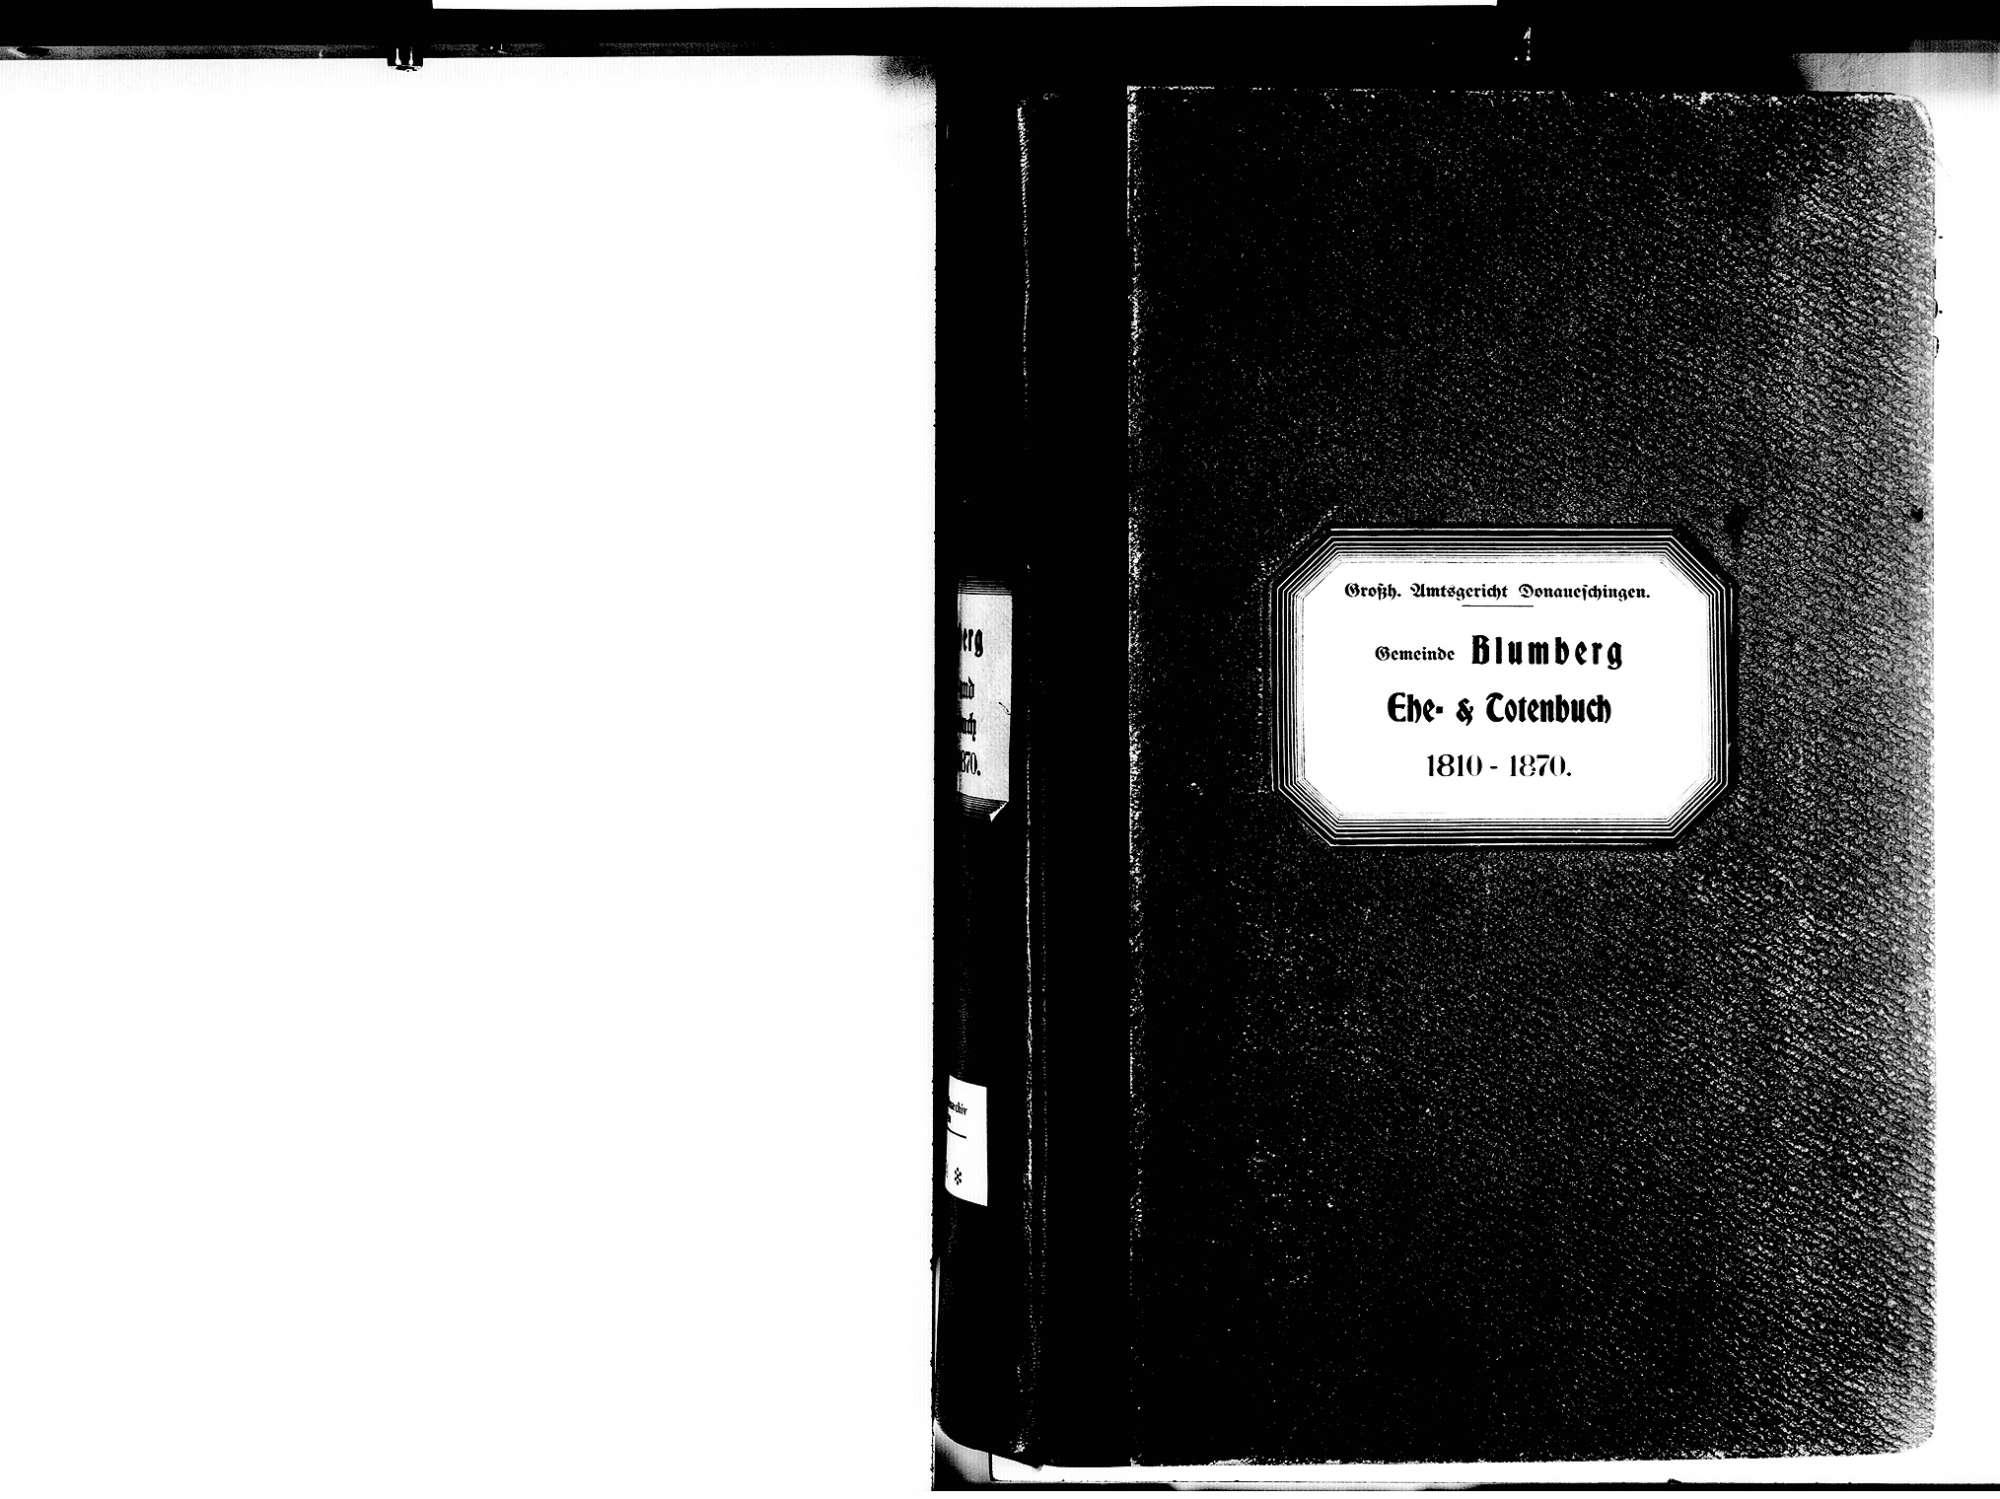 Blumberg VS; Katholische Gemeinde: Heirats- und Sterbebuch 1810-1870, Bild 2